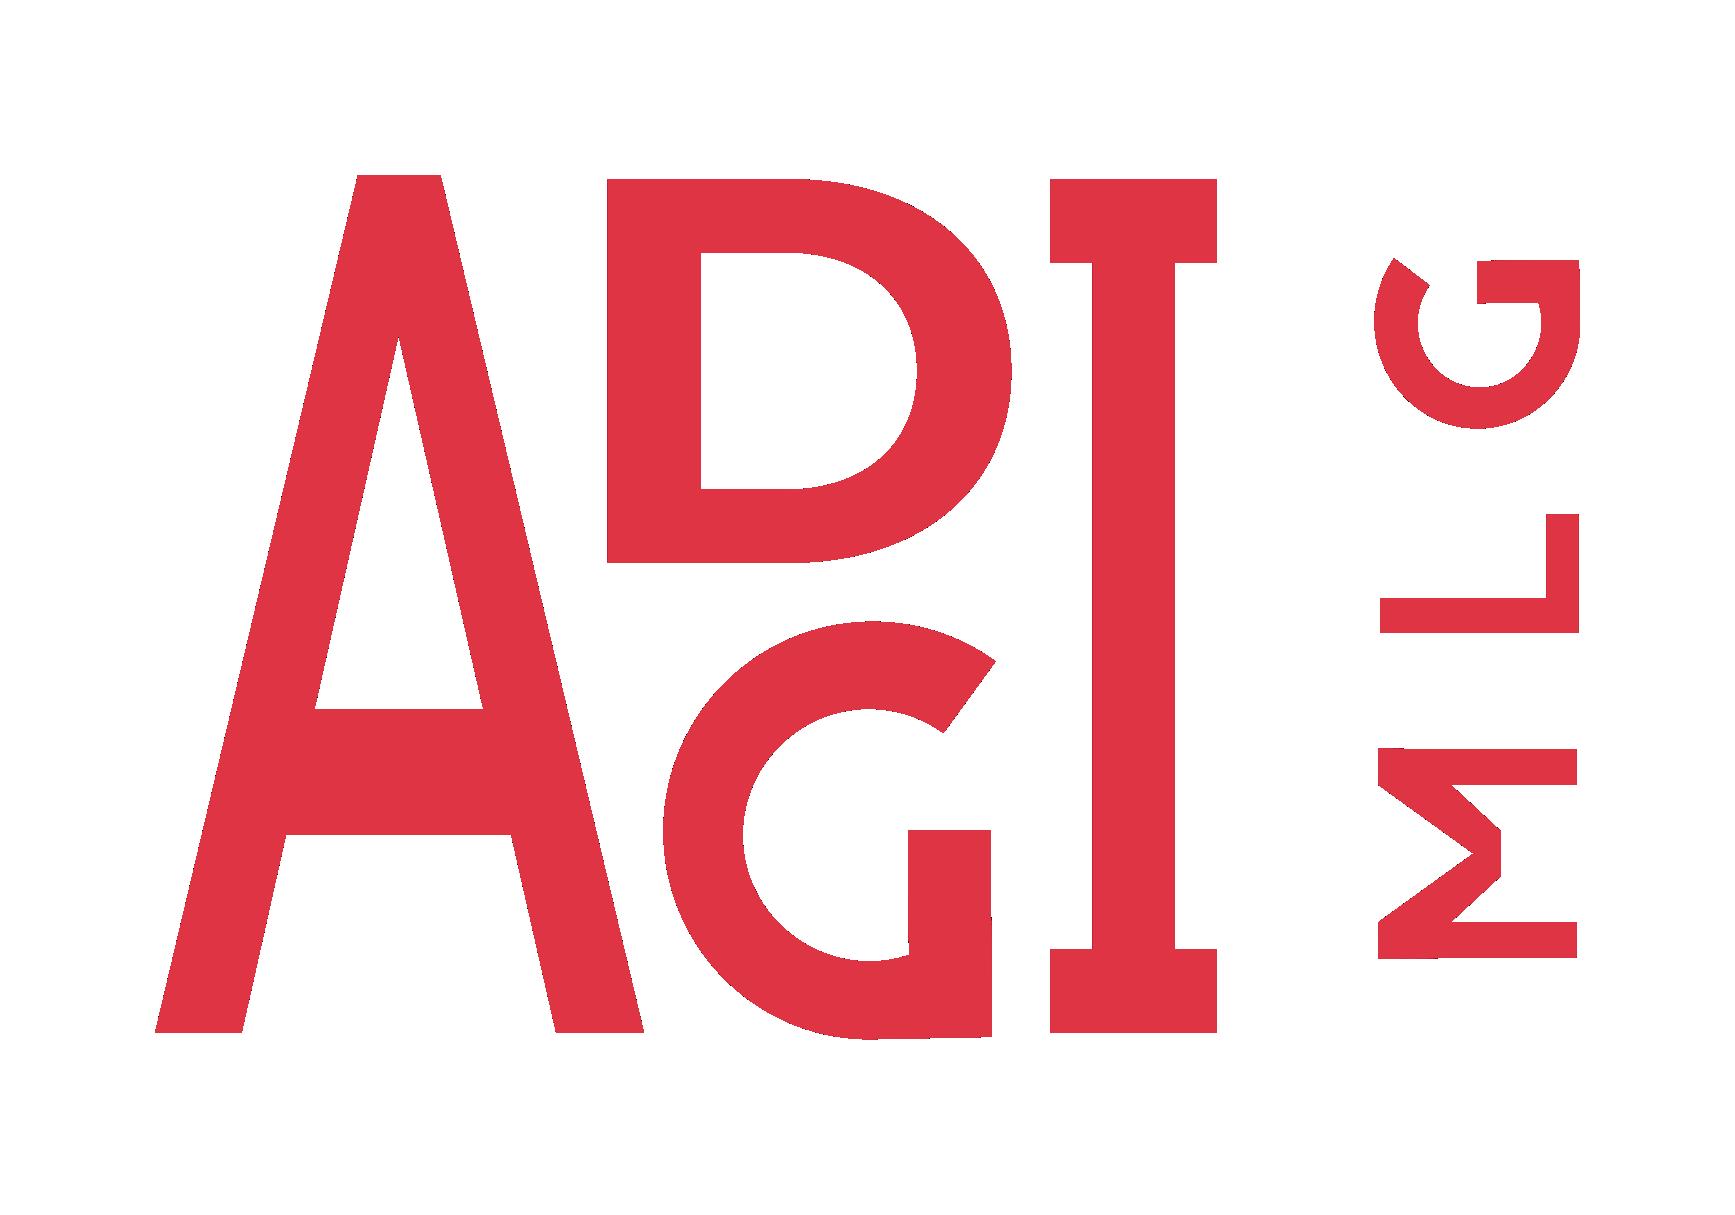 ADGI Malang